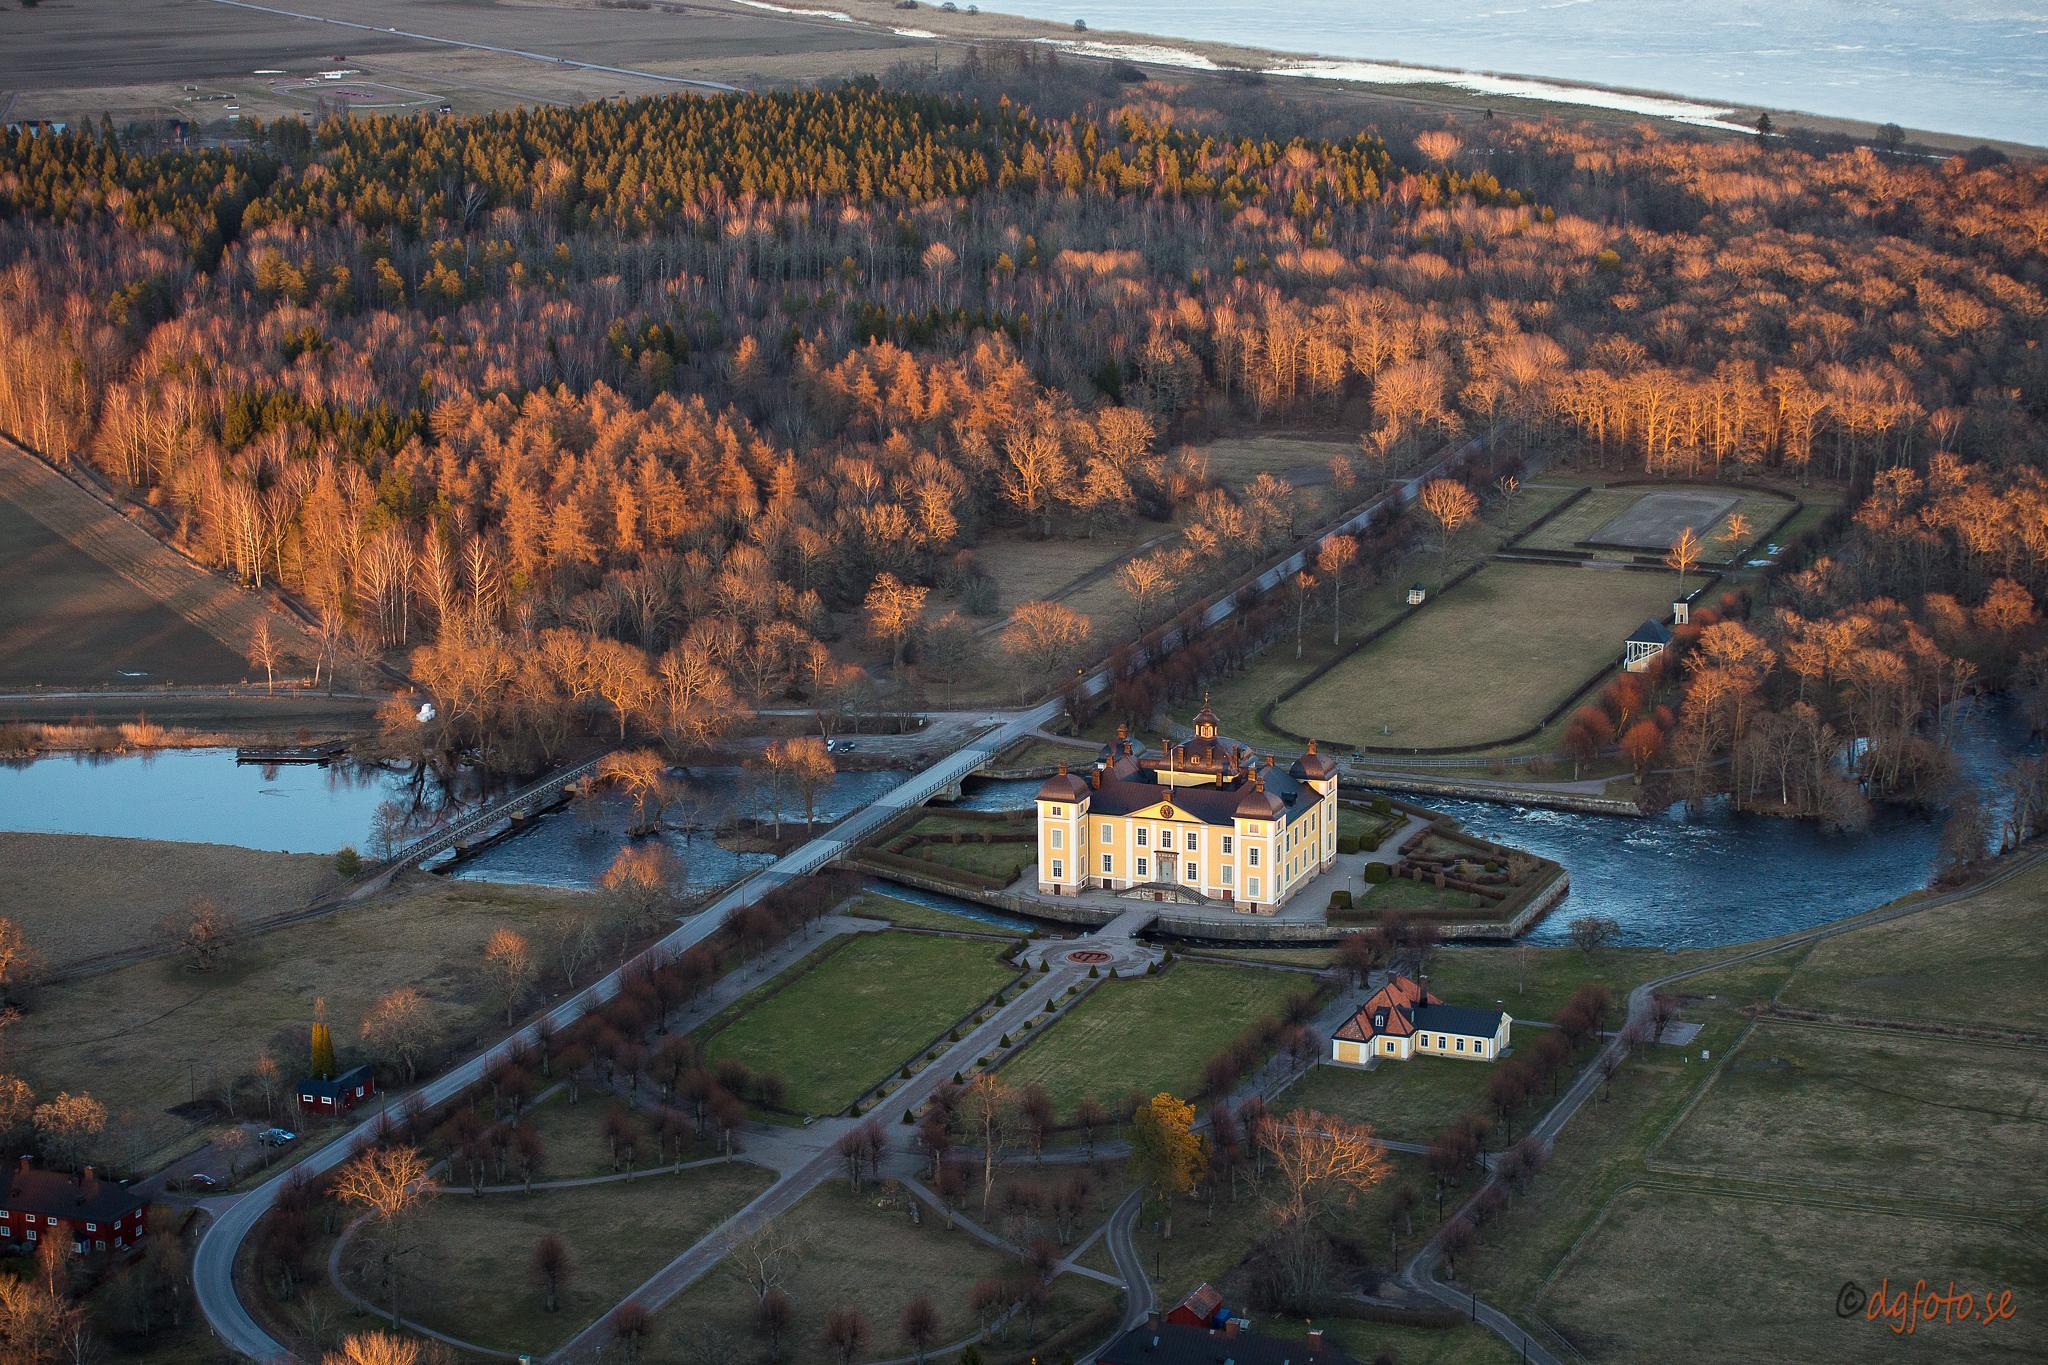 Strömsholms Castle by Dennis Graversen